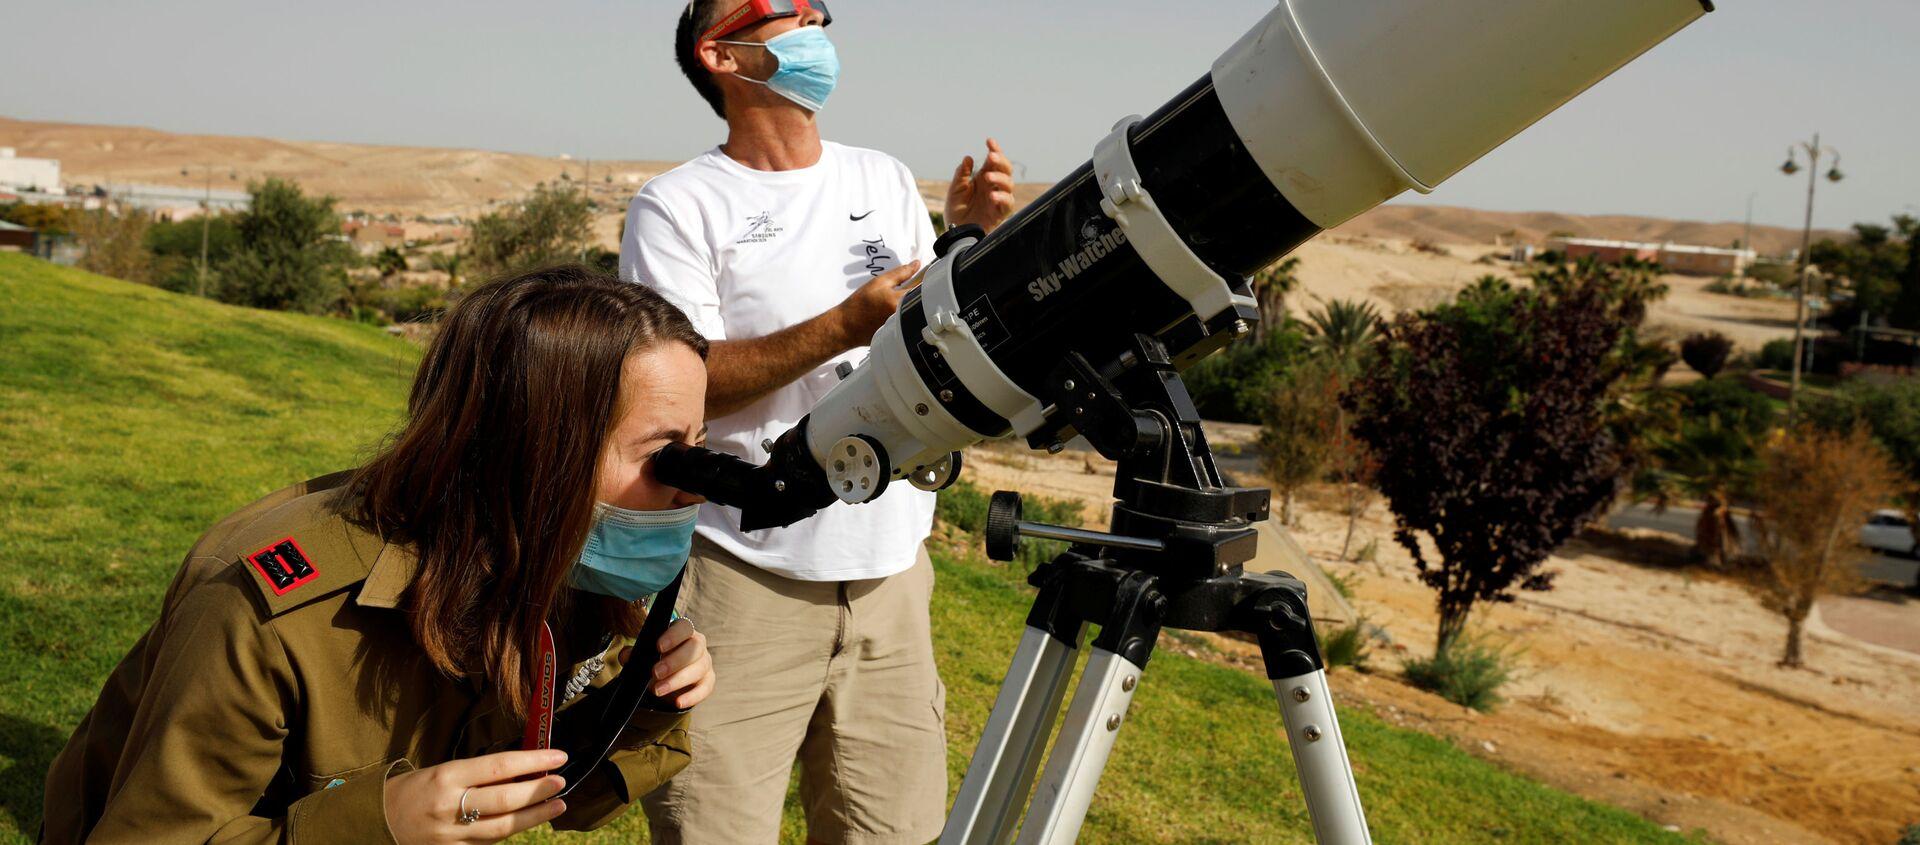 Наблюдение за частичным солнечным затмением в Израиле - Sputnik Таджикистан, 1920, 04.09.2020